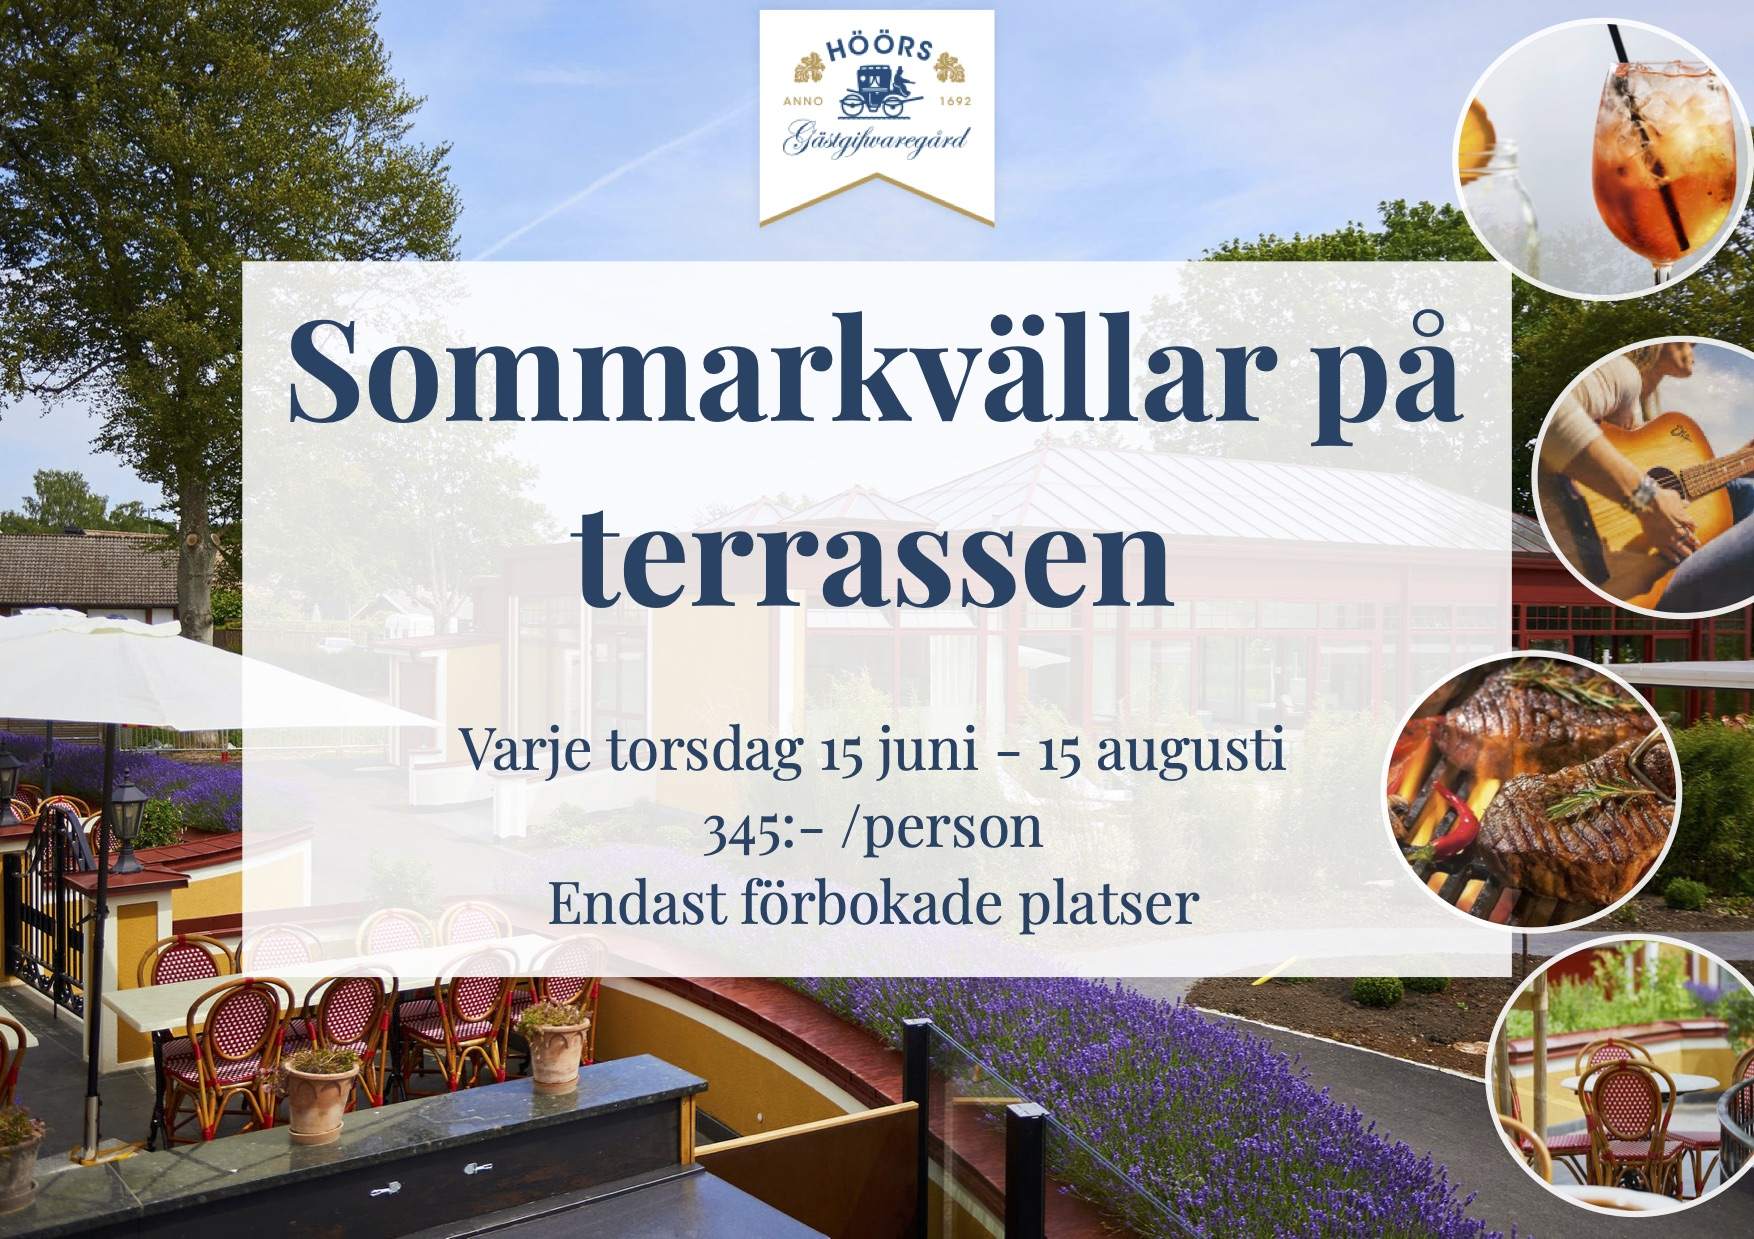 Sommarkvällar på Terrassen